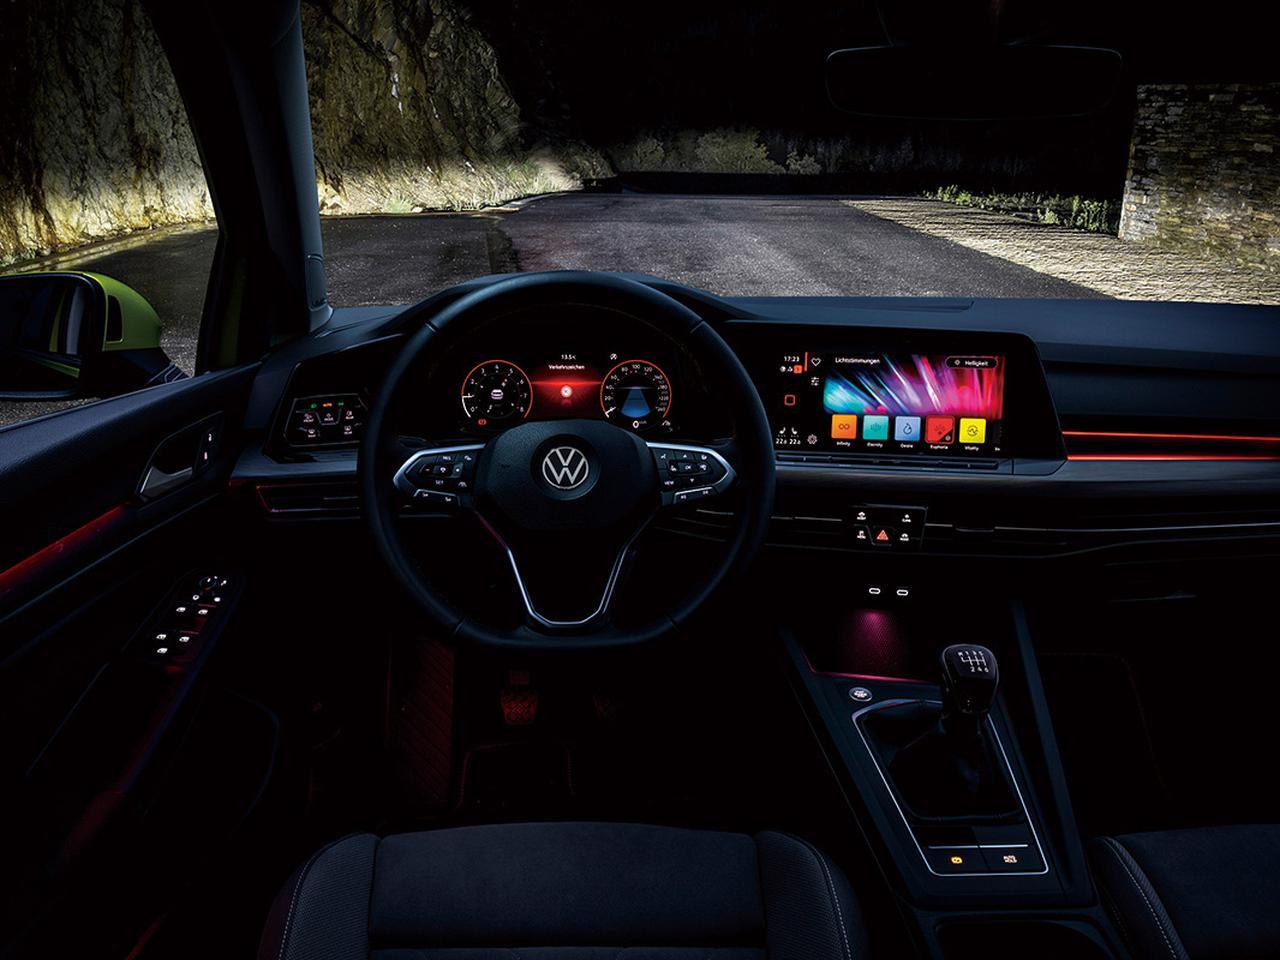 画像: ゴルフ8には好みに応じて室内照明のカラーを設定できる機能が全車に標準装備される。「アクティブベーシック」と「アクティブ」は10色、「スタイル」と「Rライン」は30色から選択可能。ドライブモードに合わせて予め照明モードを設定することもできる。